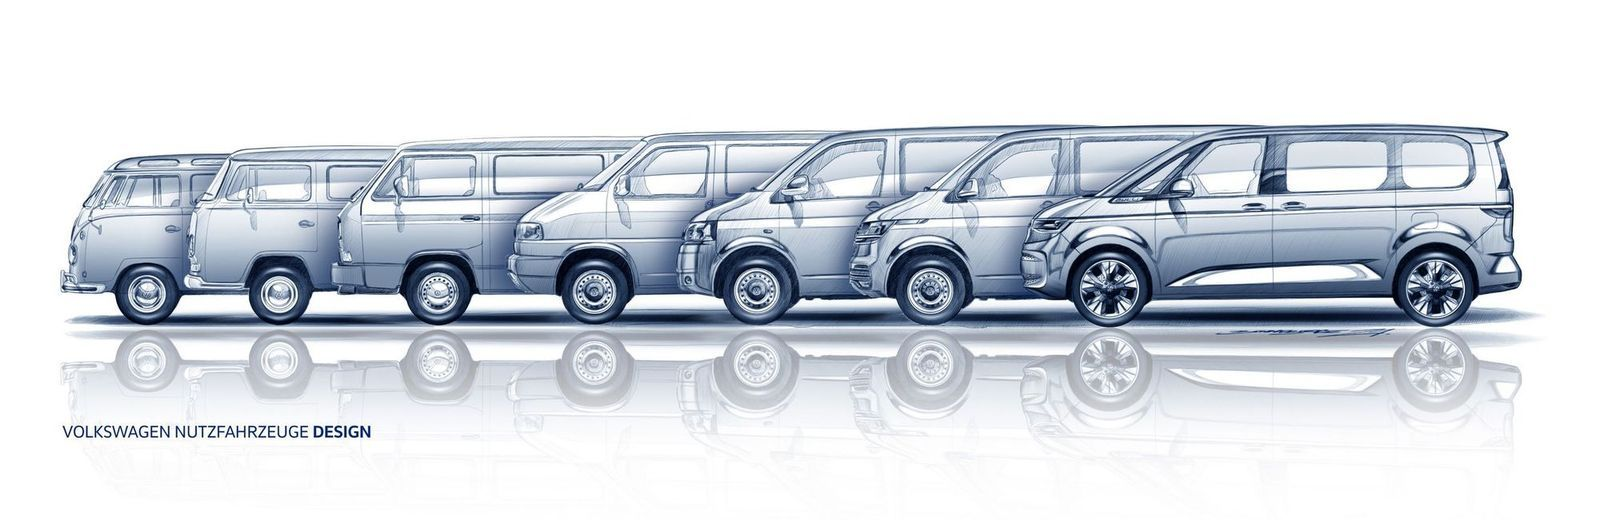 VW_Multivan_2021test_AutoRok_07